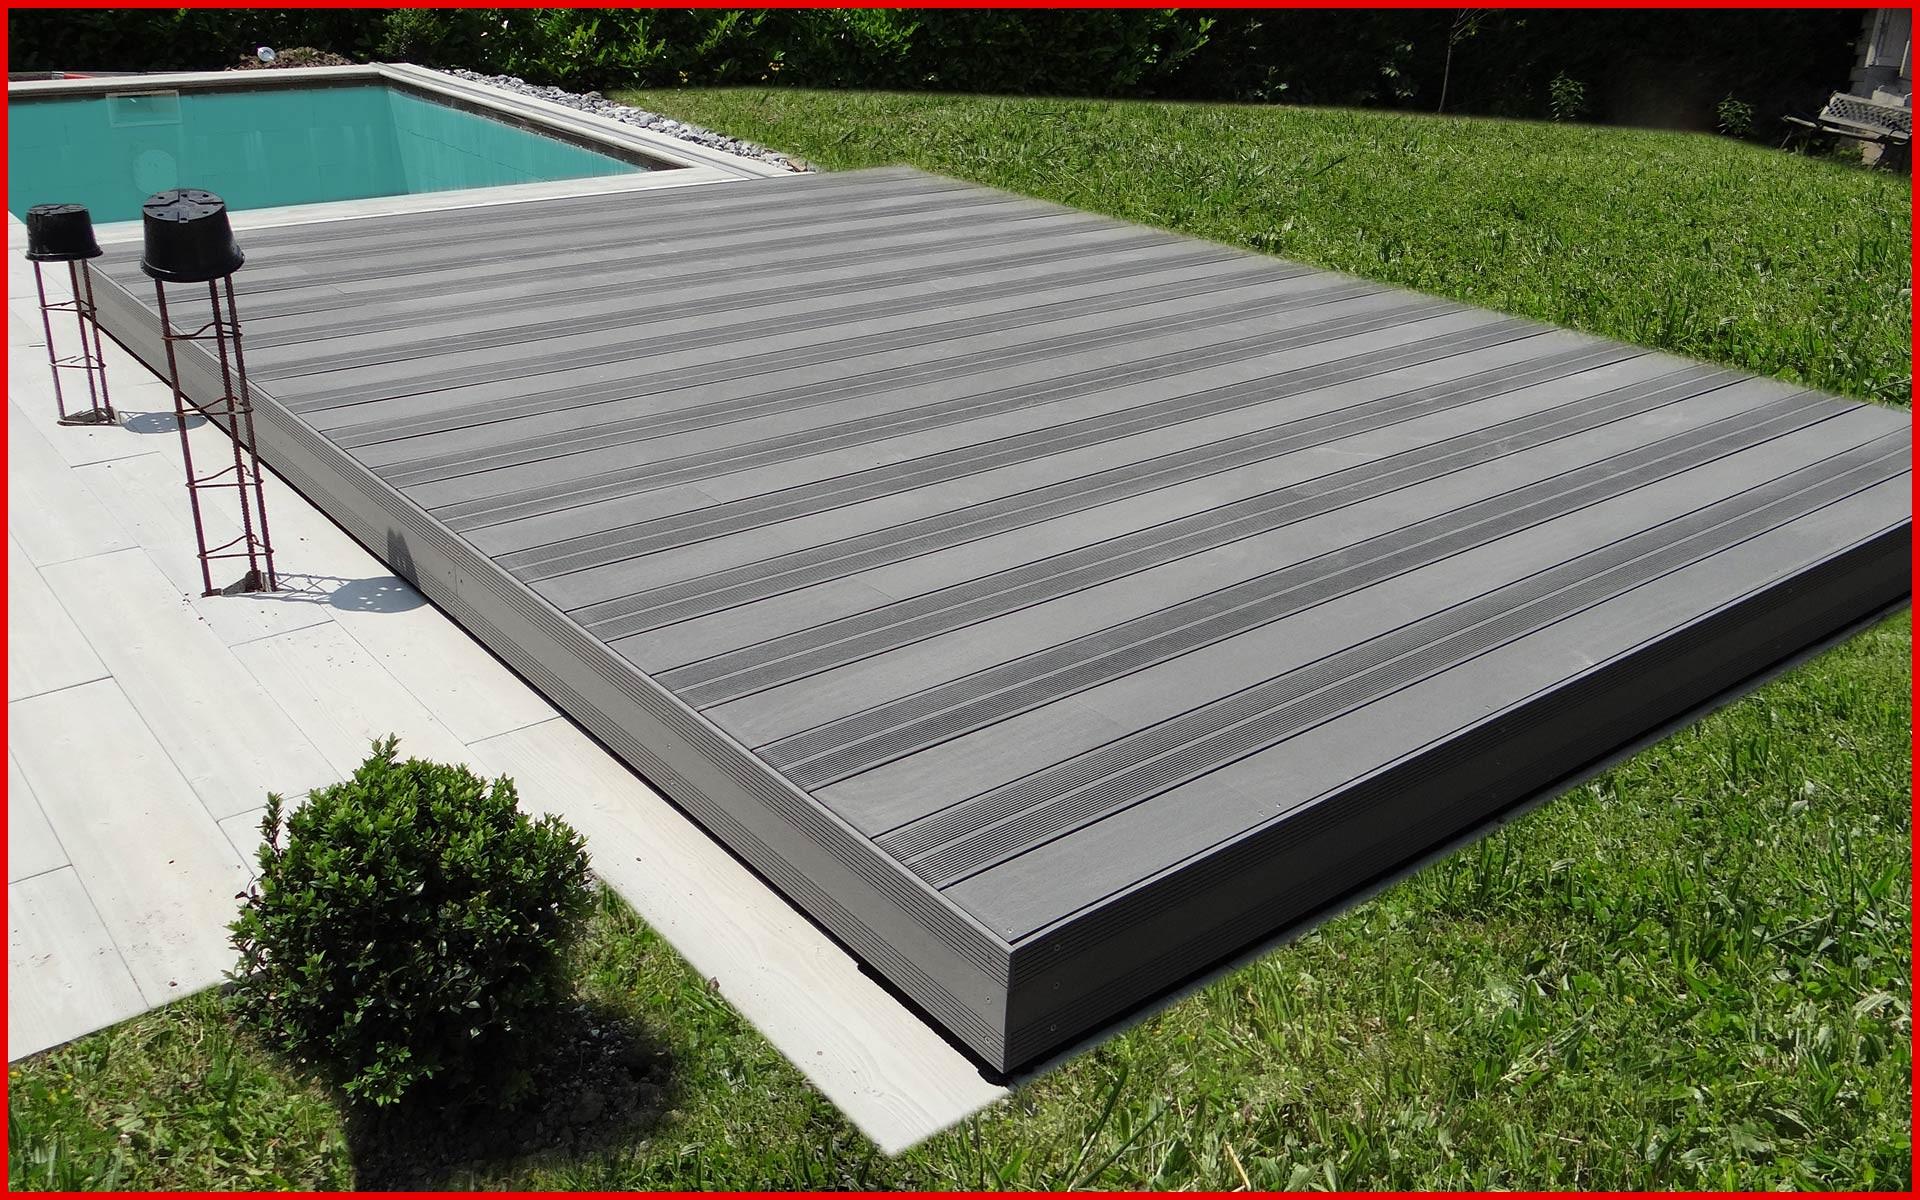 Comment Choisir Sa Terrasse Mobile Pour Piscine ... pour Fabriquer Une Terrasse Mobile Pour Piscine